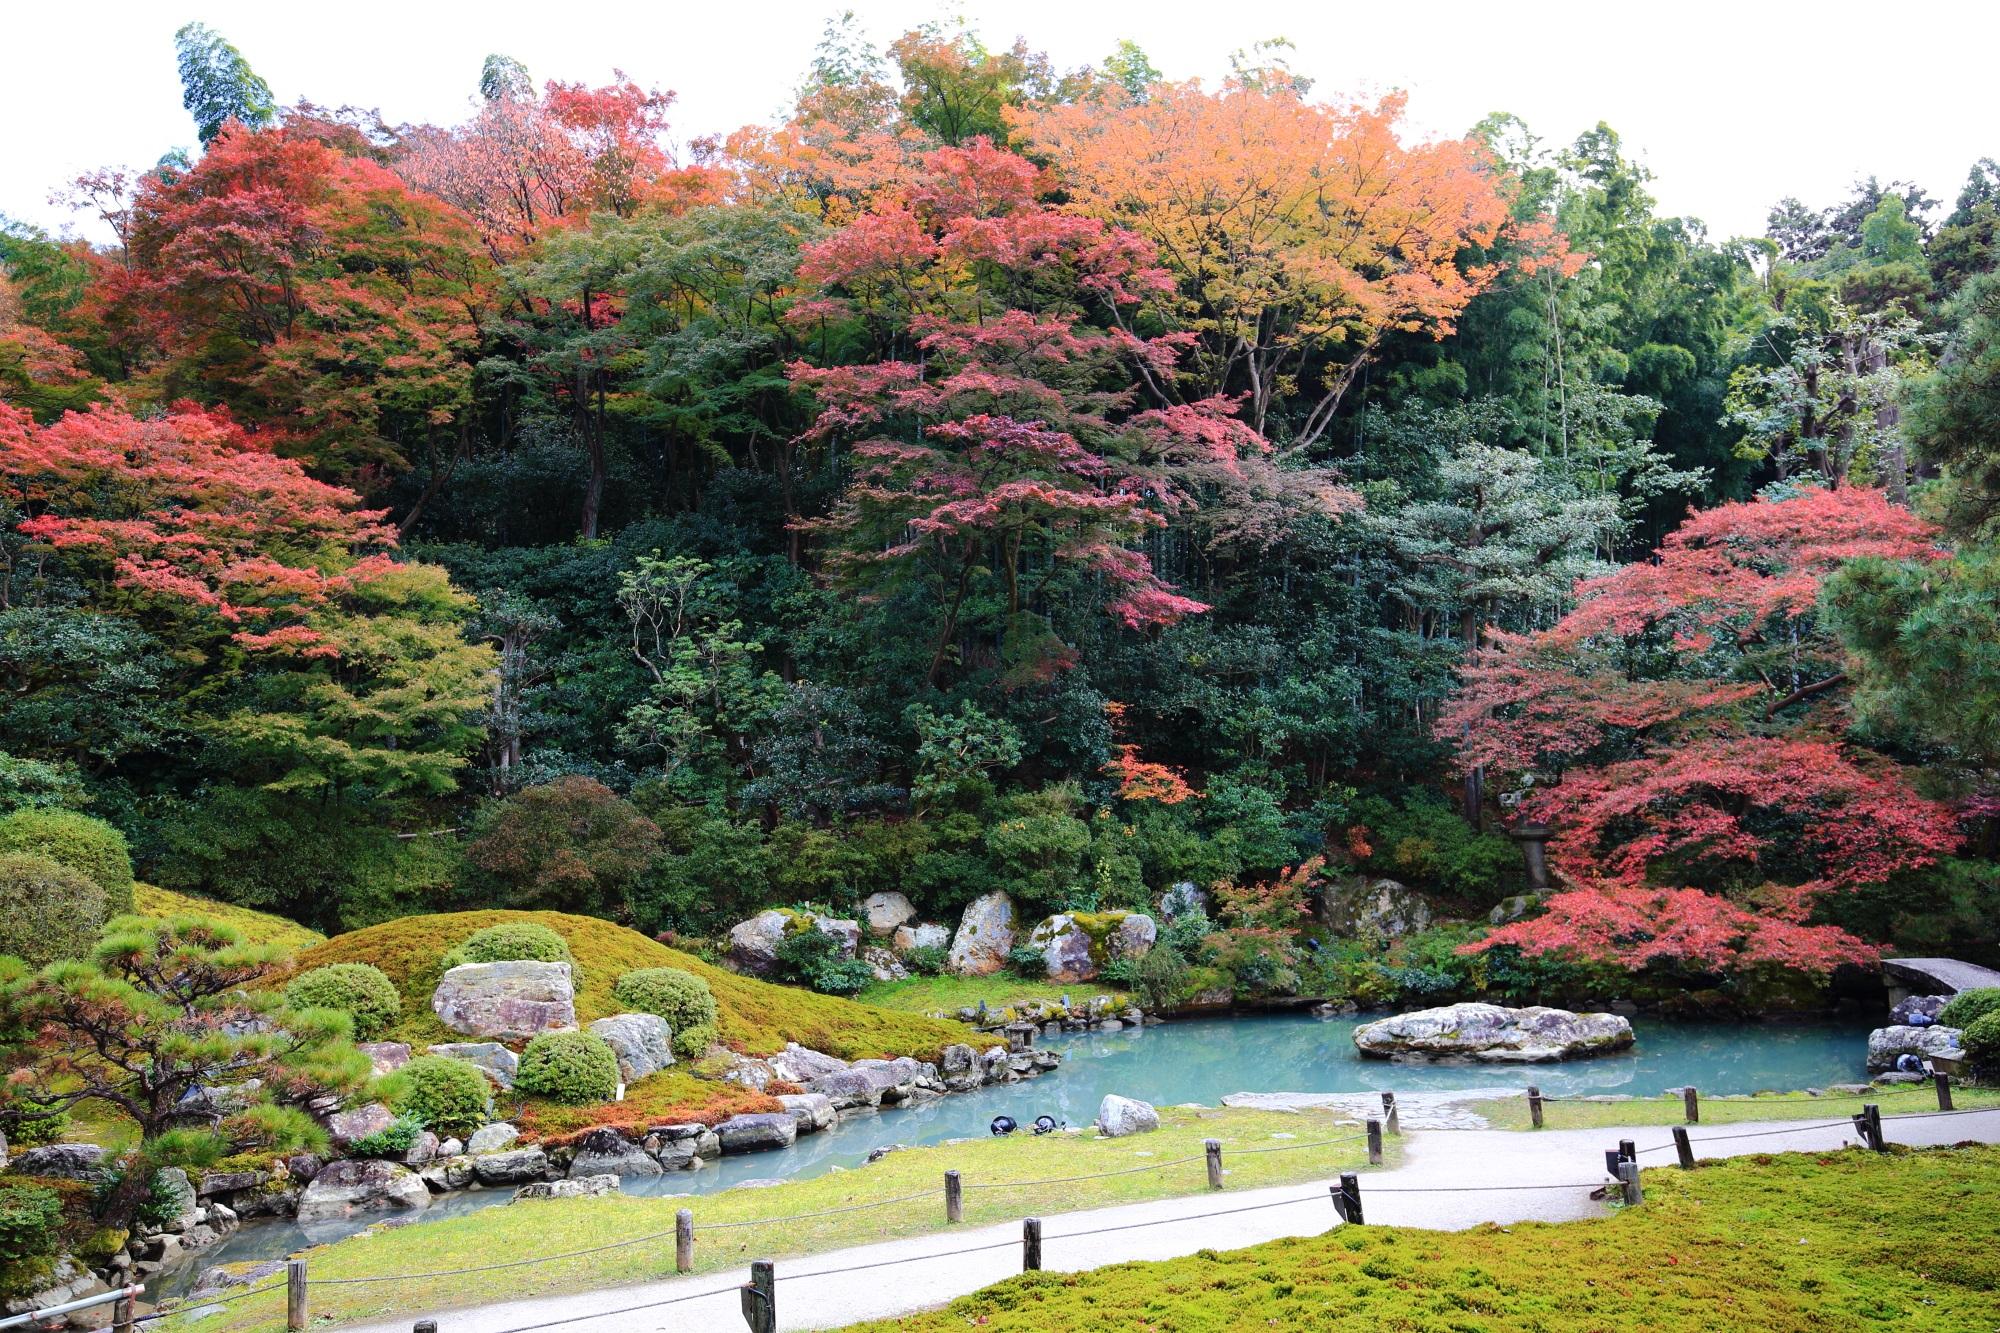 紅葉の名所の青蓮院の相阿弥の庭の色とりどりの見ごろの紅葉